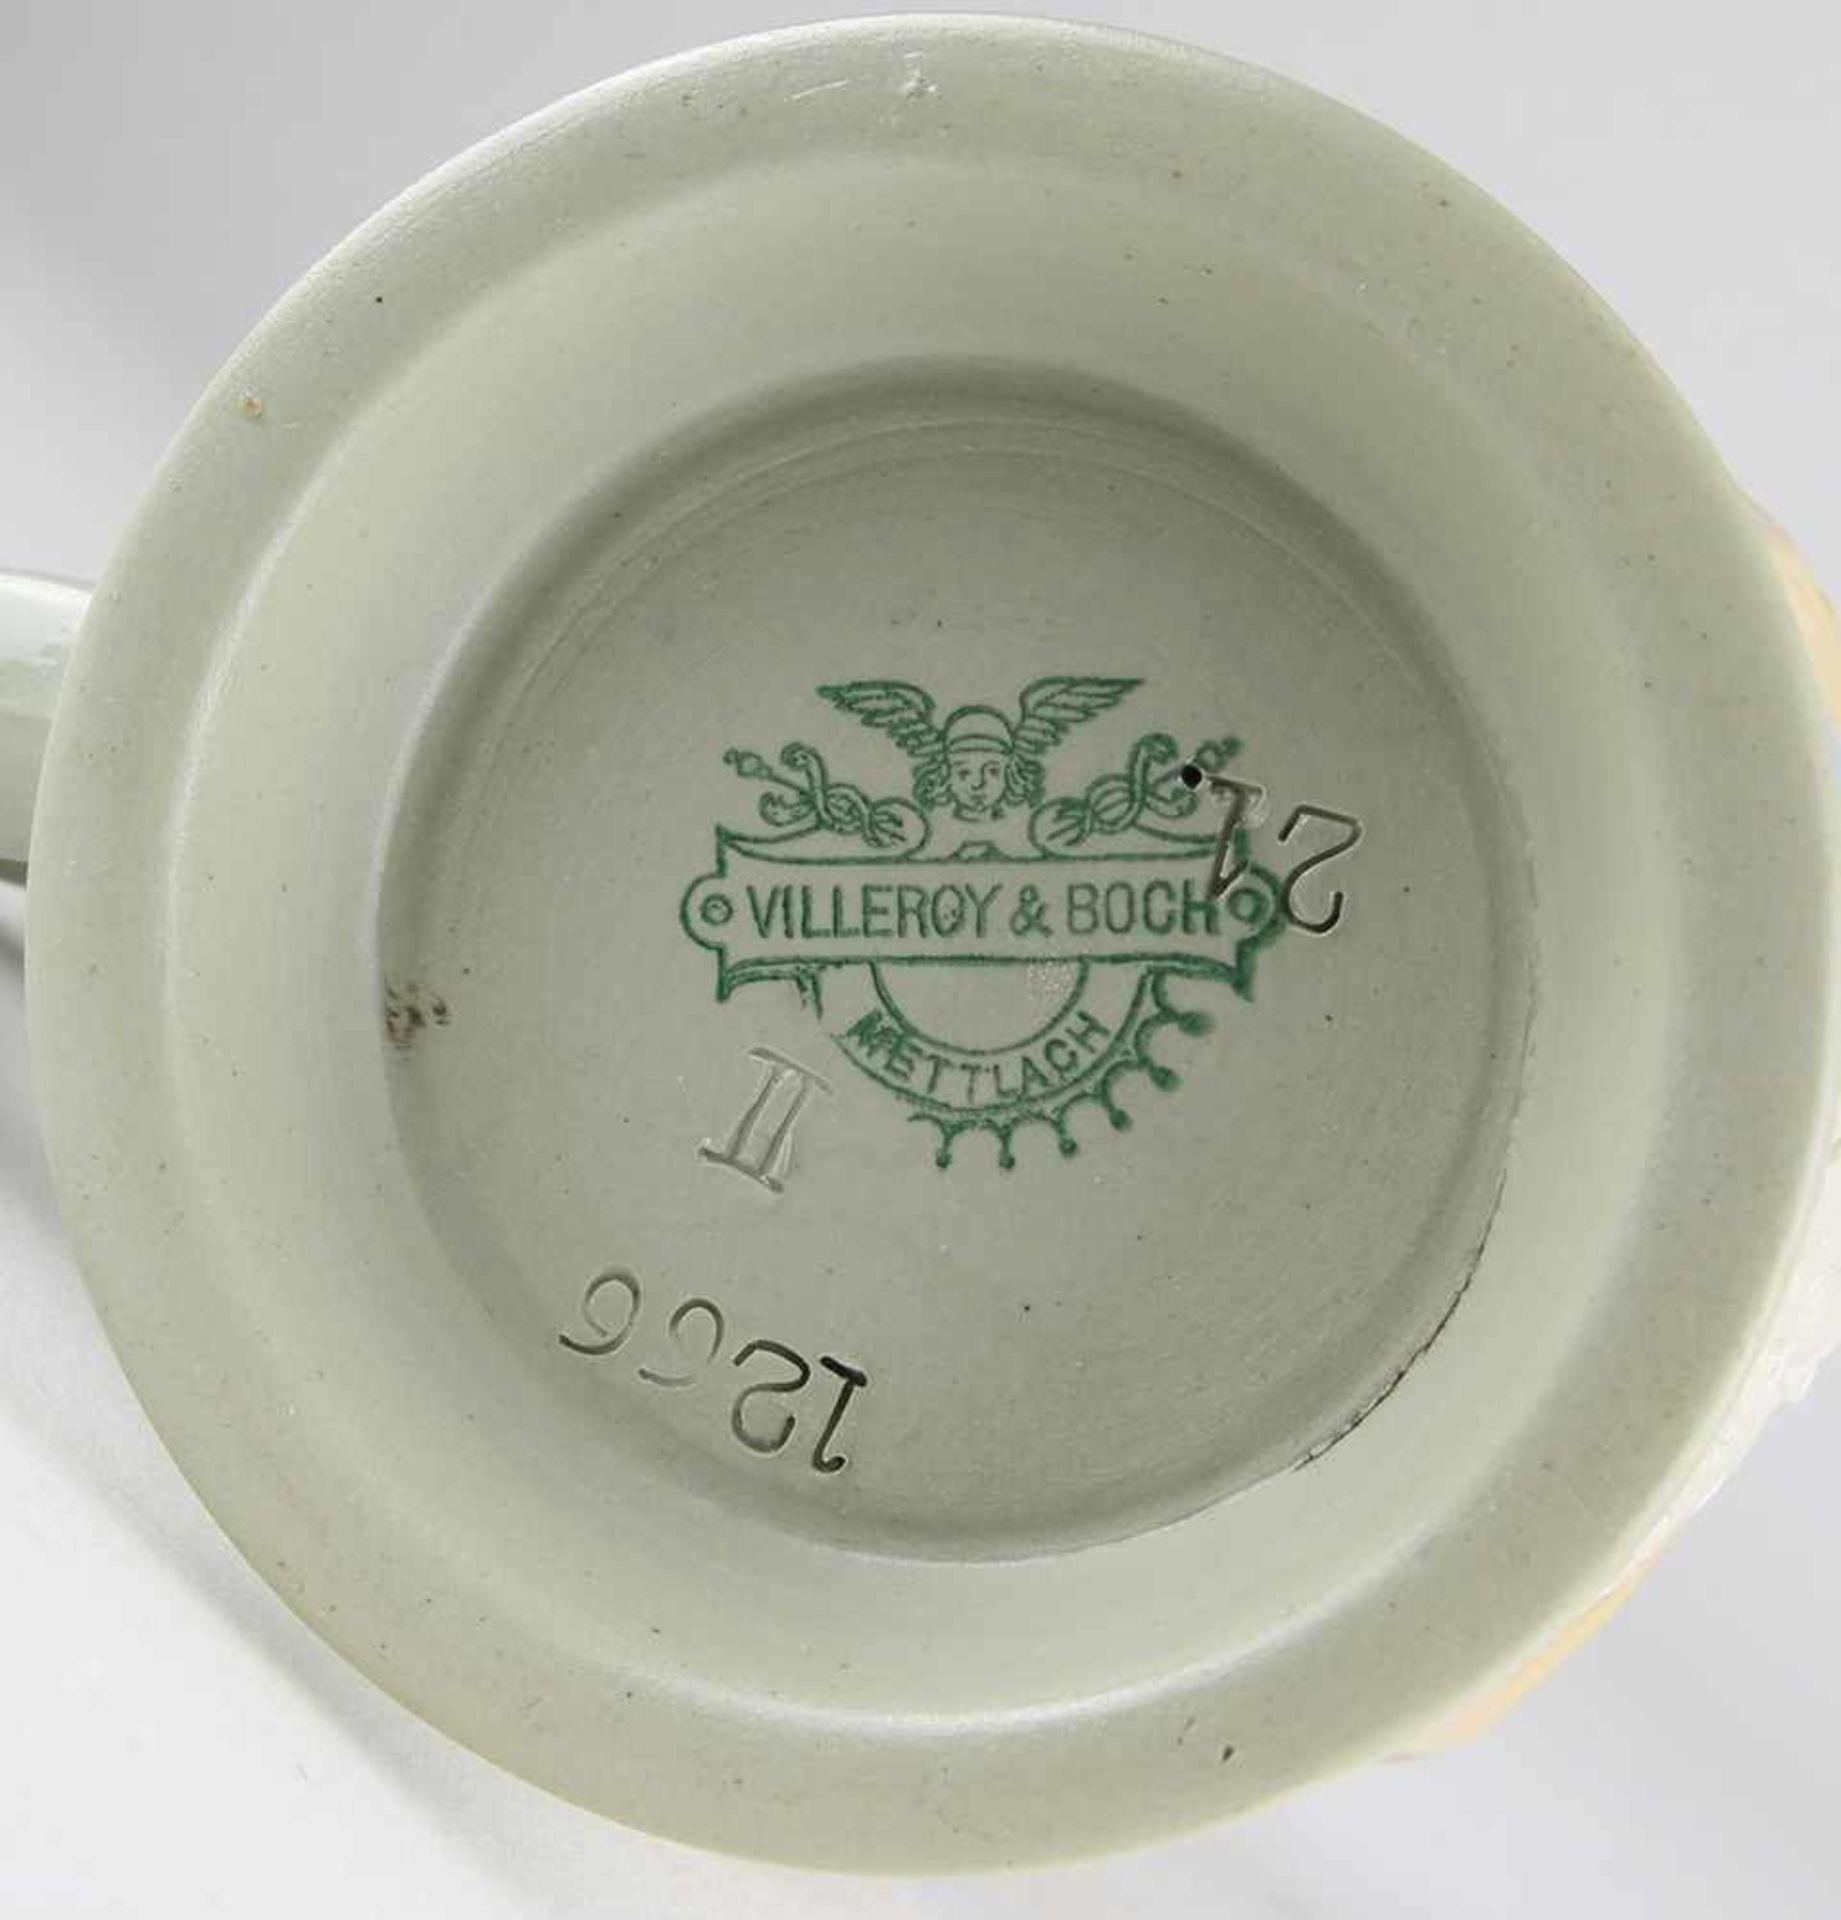 DamenbierkrugVilleroy & Boch, Mettlach um 1900. Grauer Scherben mit umlaufender aufgelegter - Bild 4 aus 4